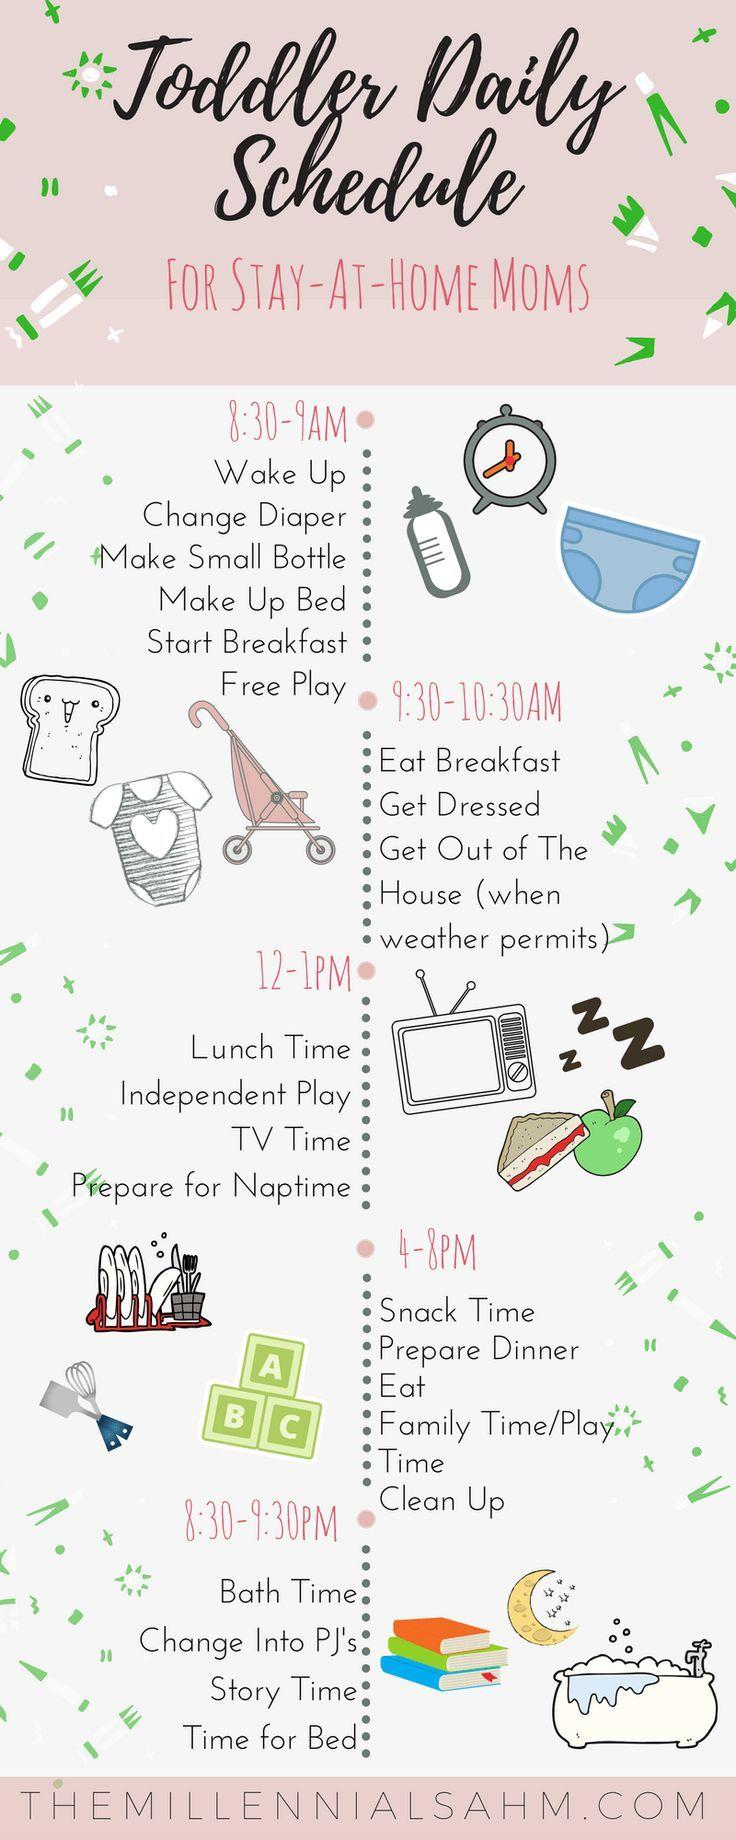 Beispiel-Zeitplan für Kleinkinder für Mütter, die zu Hause bleiben - The Millennial SAHM - #mom #stayathome